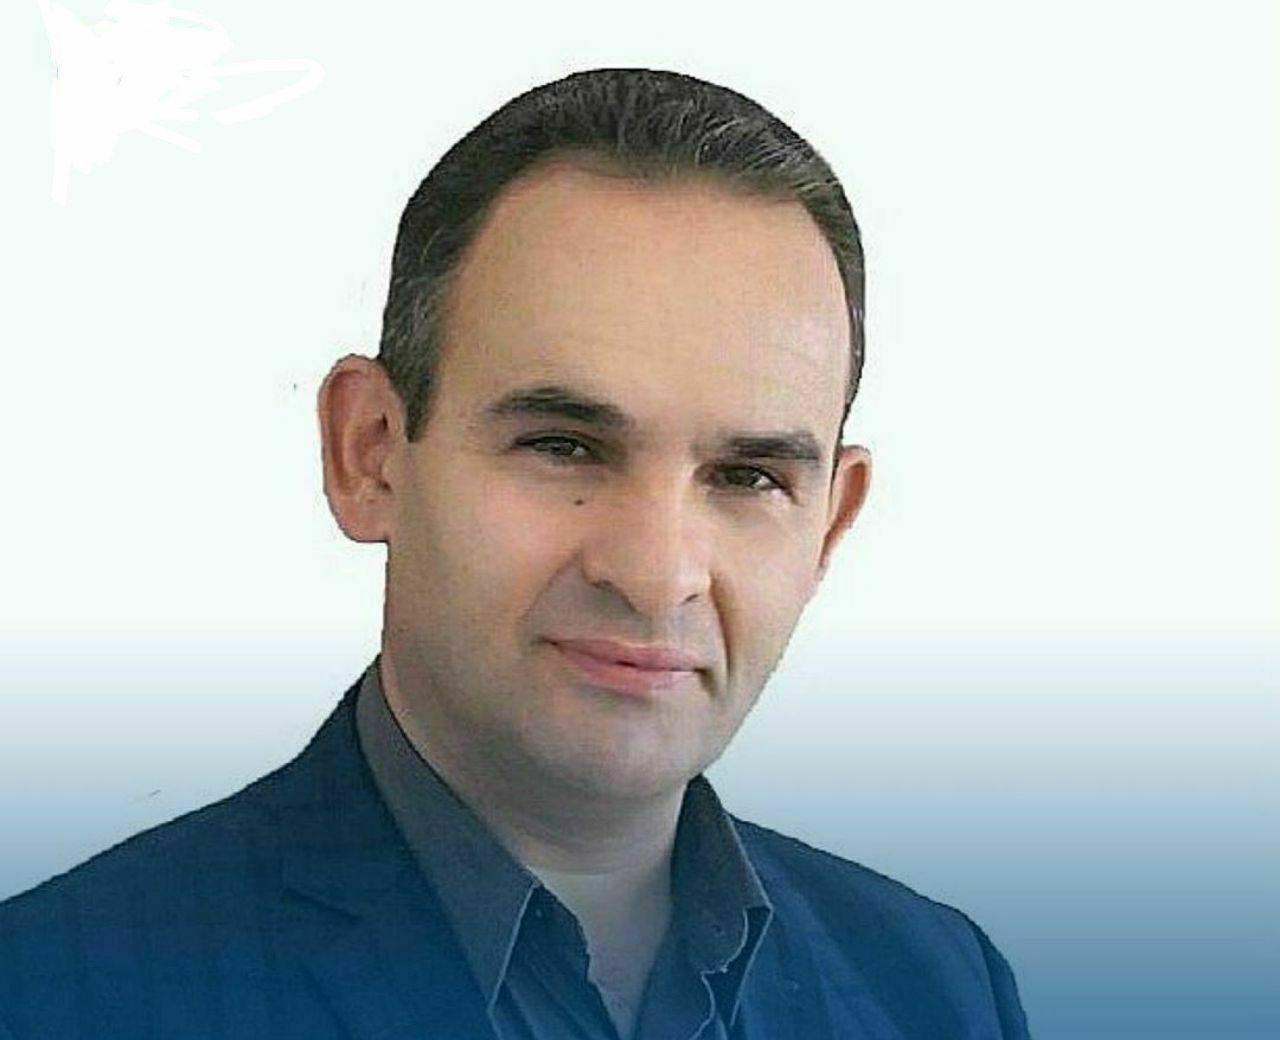 بایگانیهای دکتر شفیع بهرامیان - پایگاه خبری صدای بوکان | پایگاه خبری صدای  بوکان